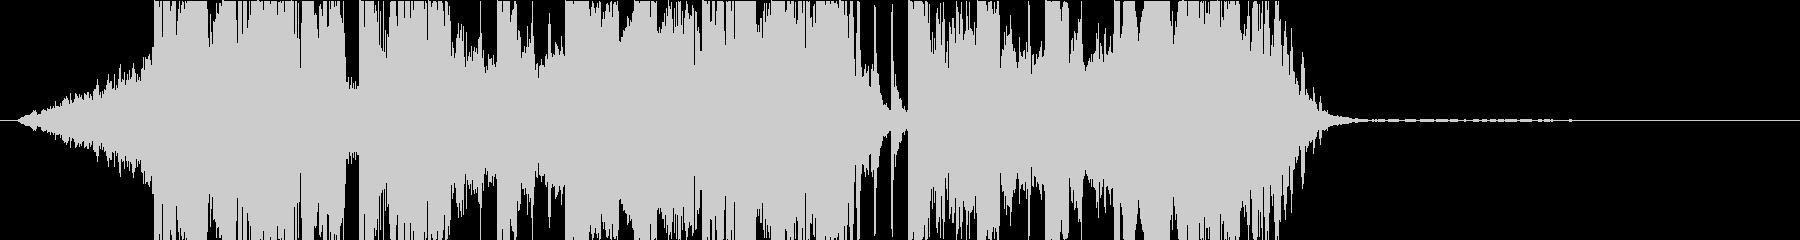 DUBSTEP クール ジングル158の未再生の波形